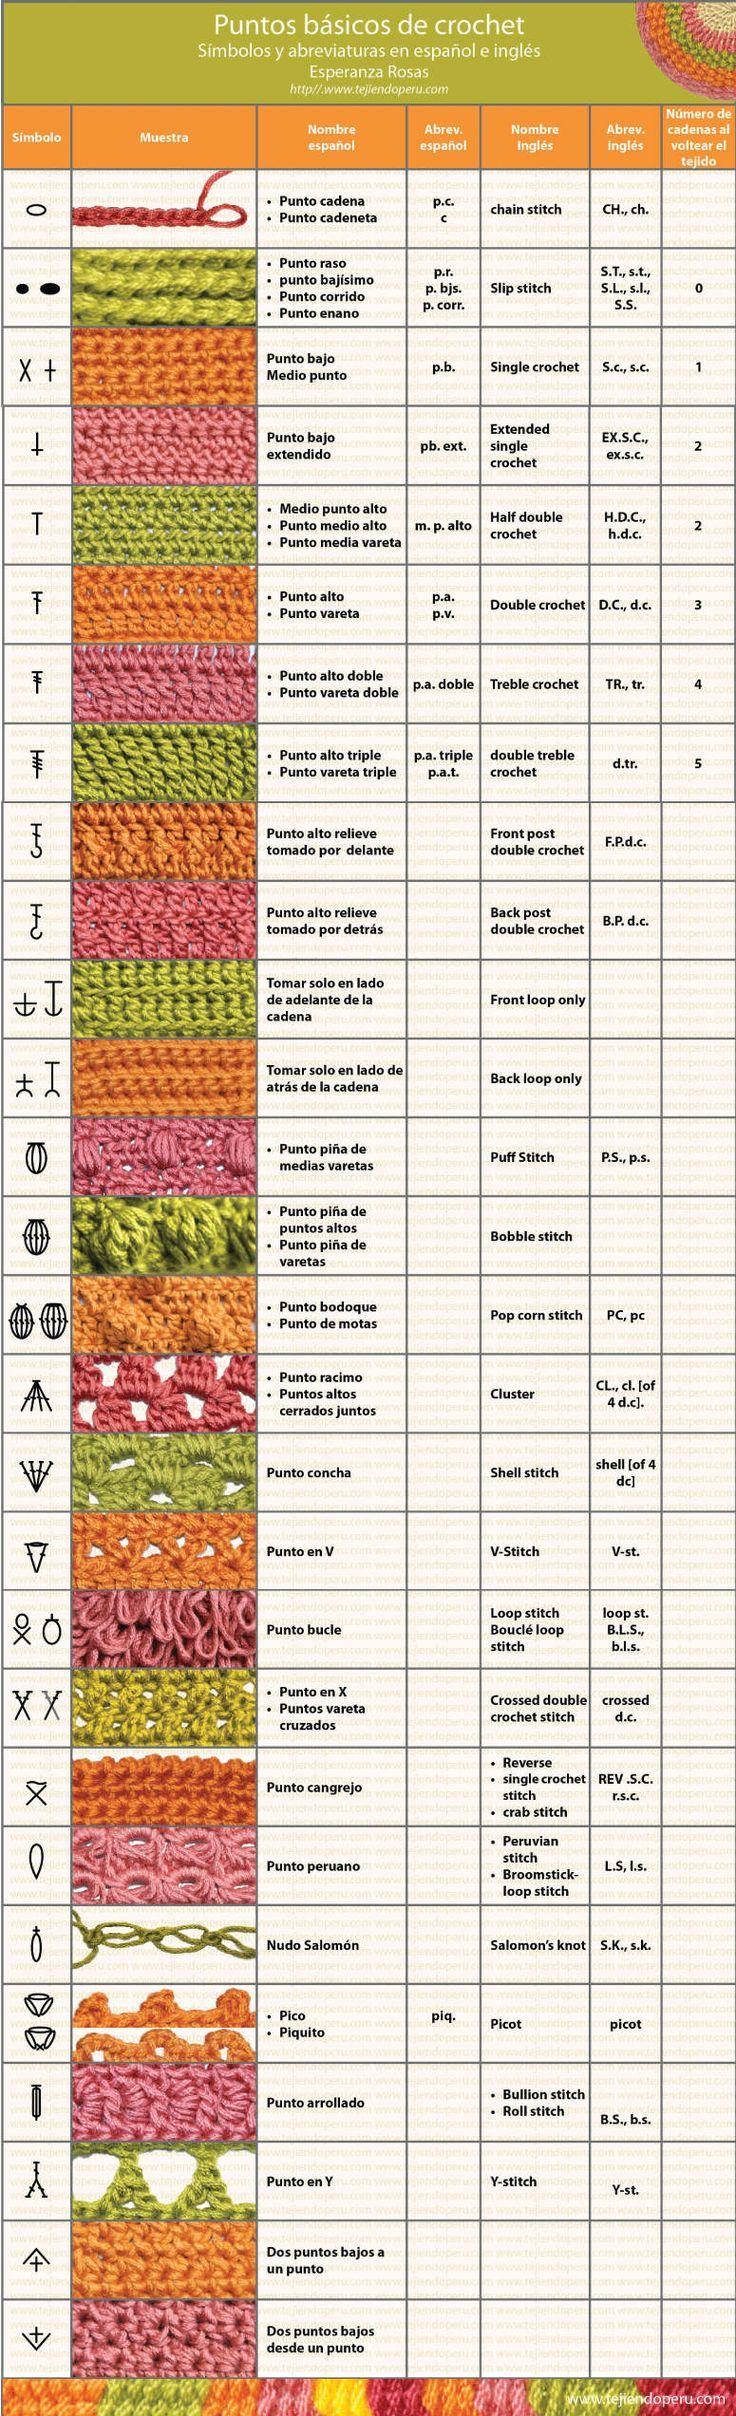 crochet diagram in spanish